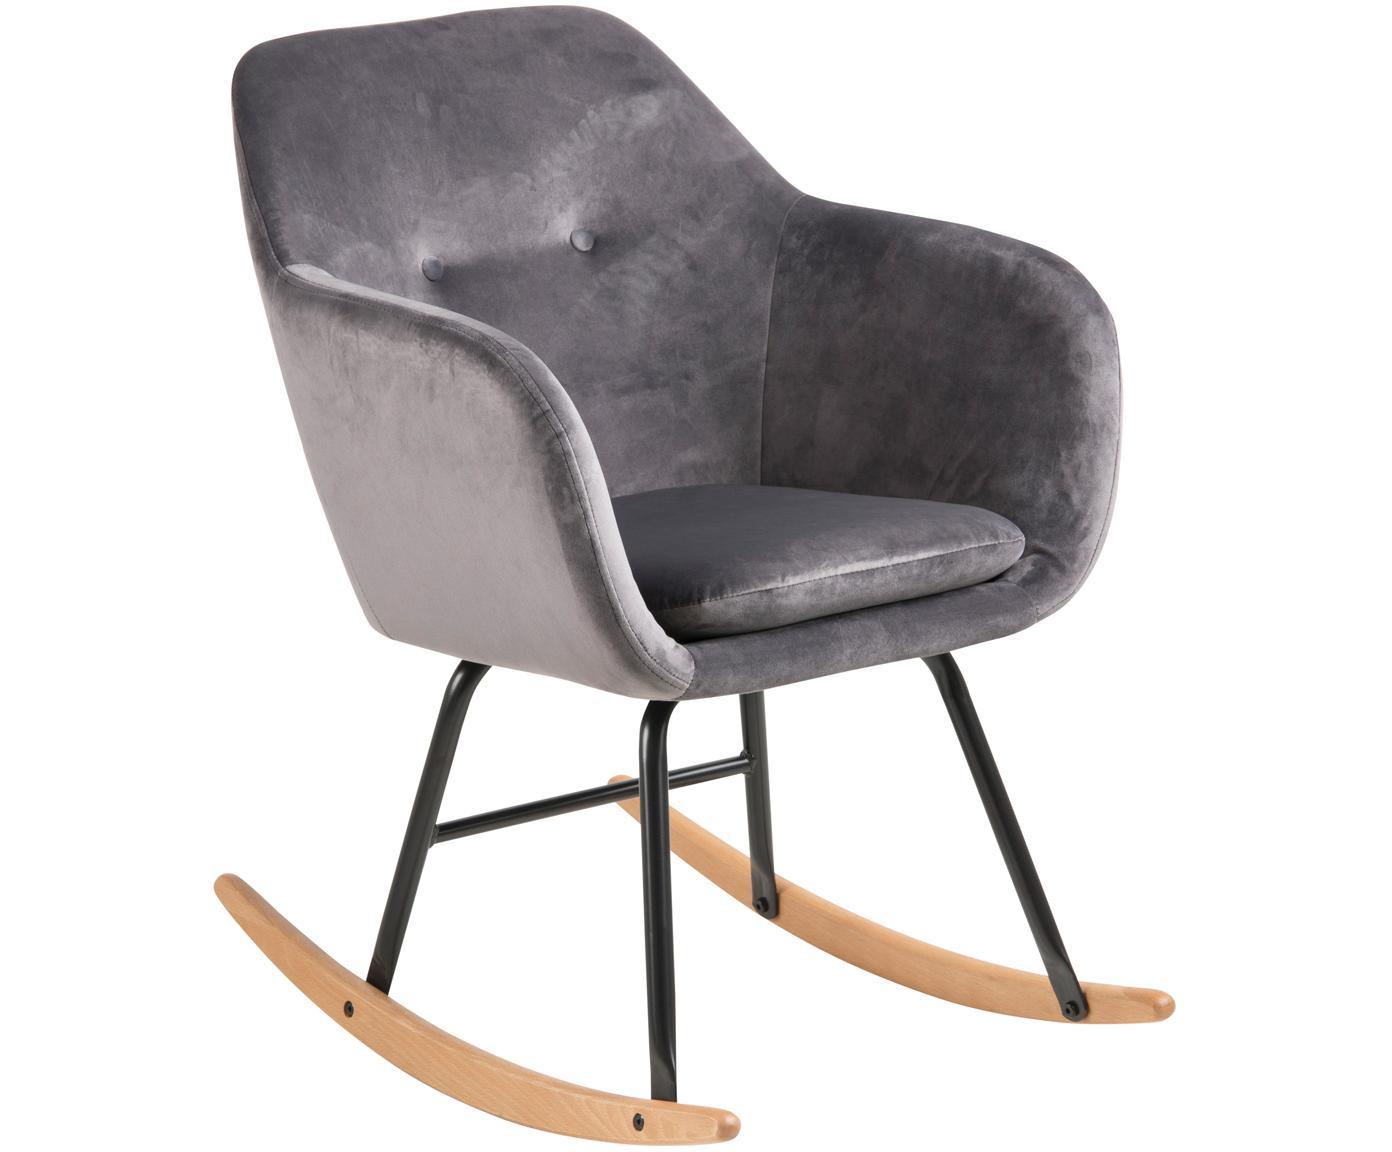 Sedia a dondolo in velluto grigio Emilia, Rivestimento: poliestere (velluto) 25.0, Gambe: metallo, verniciato a pol, Grigio, Larg. 57 x Alt. 81 cm